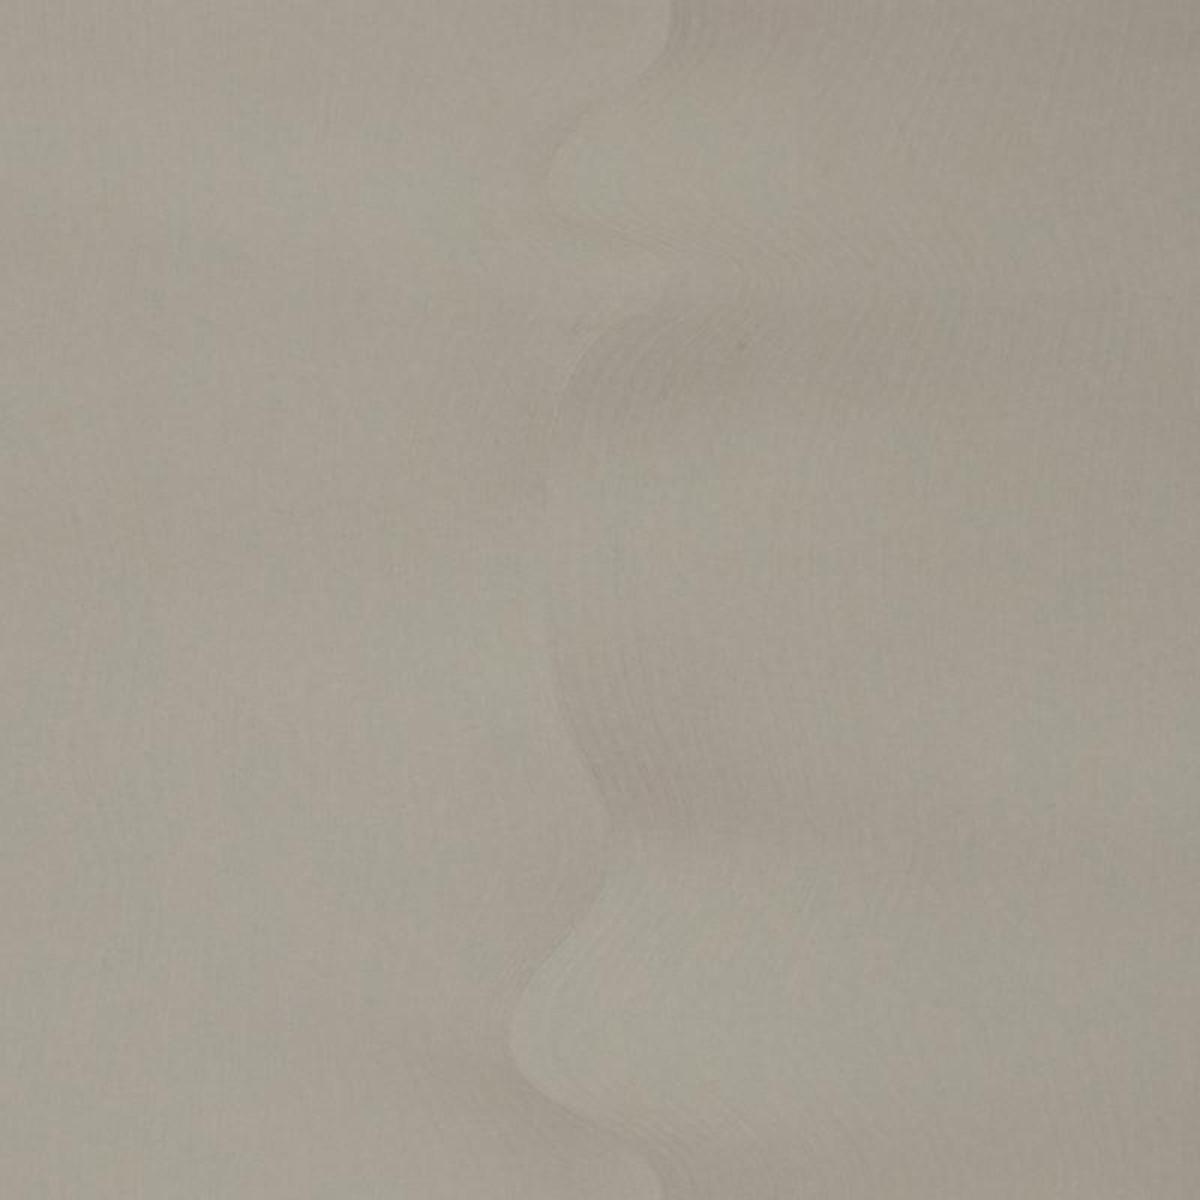 Обои флизелиновые Мир Авангард коричневые 1.06 м 3485-17